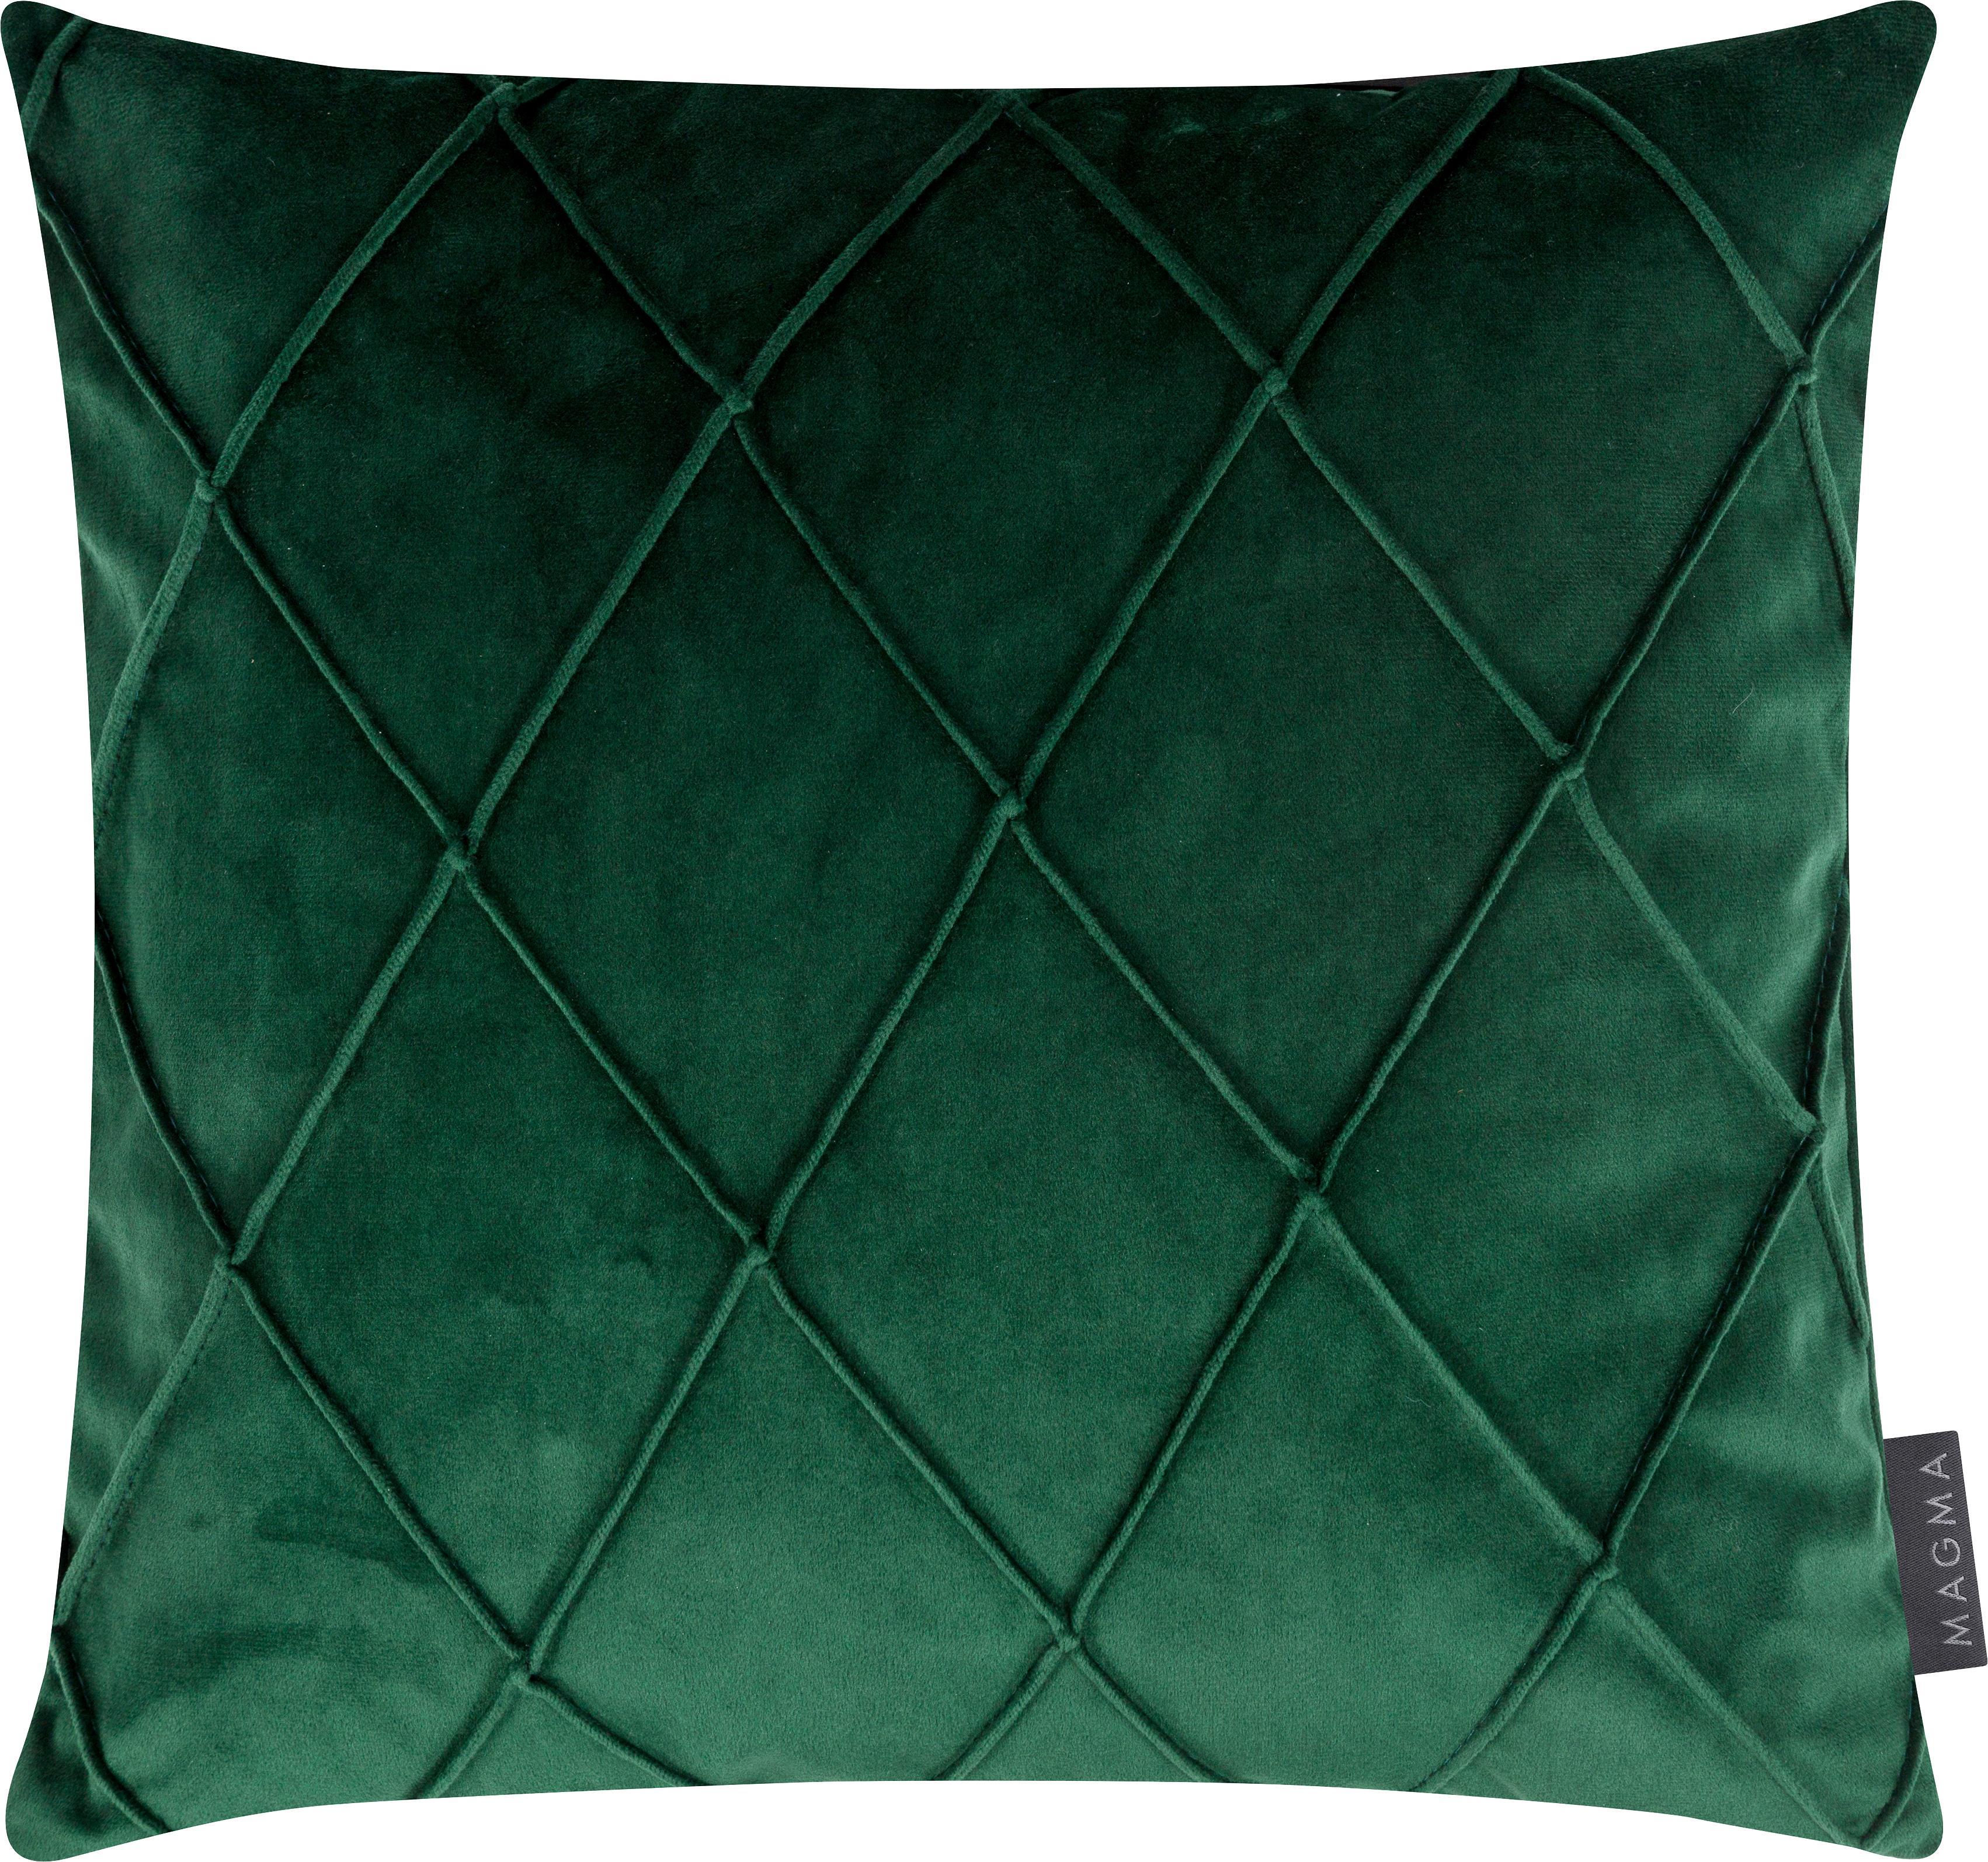 Fluwelen kussenhoes Nobless met verhoogd ruitjesmotief, Polyester fluweel, Groen, 40 x 40 cm